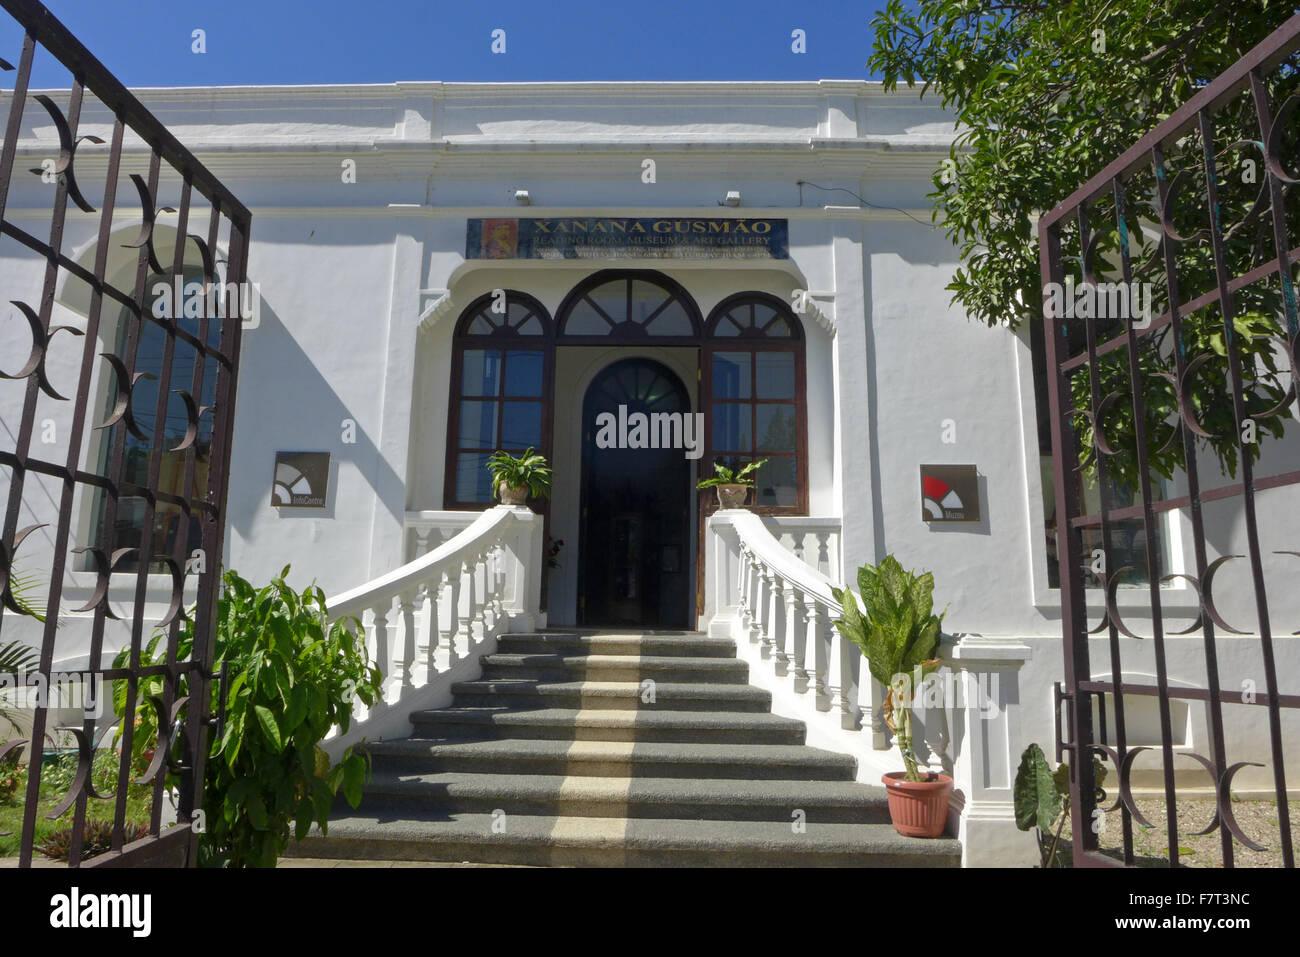 La salle de lecture de Xanana Gusmao à Dili au Timor oriental du nom de l'ancien premier ministre et président. Banque D'Images